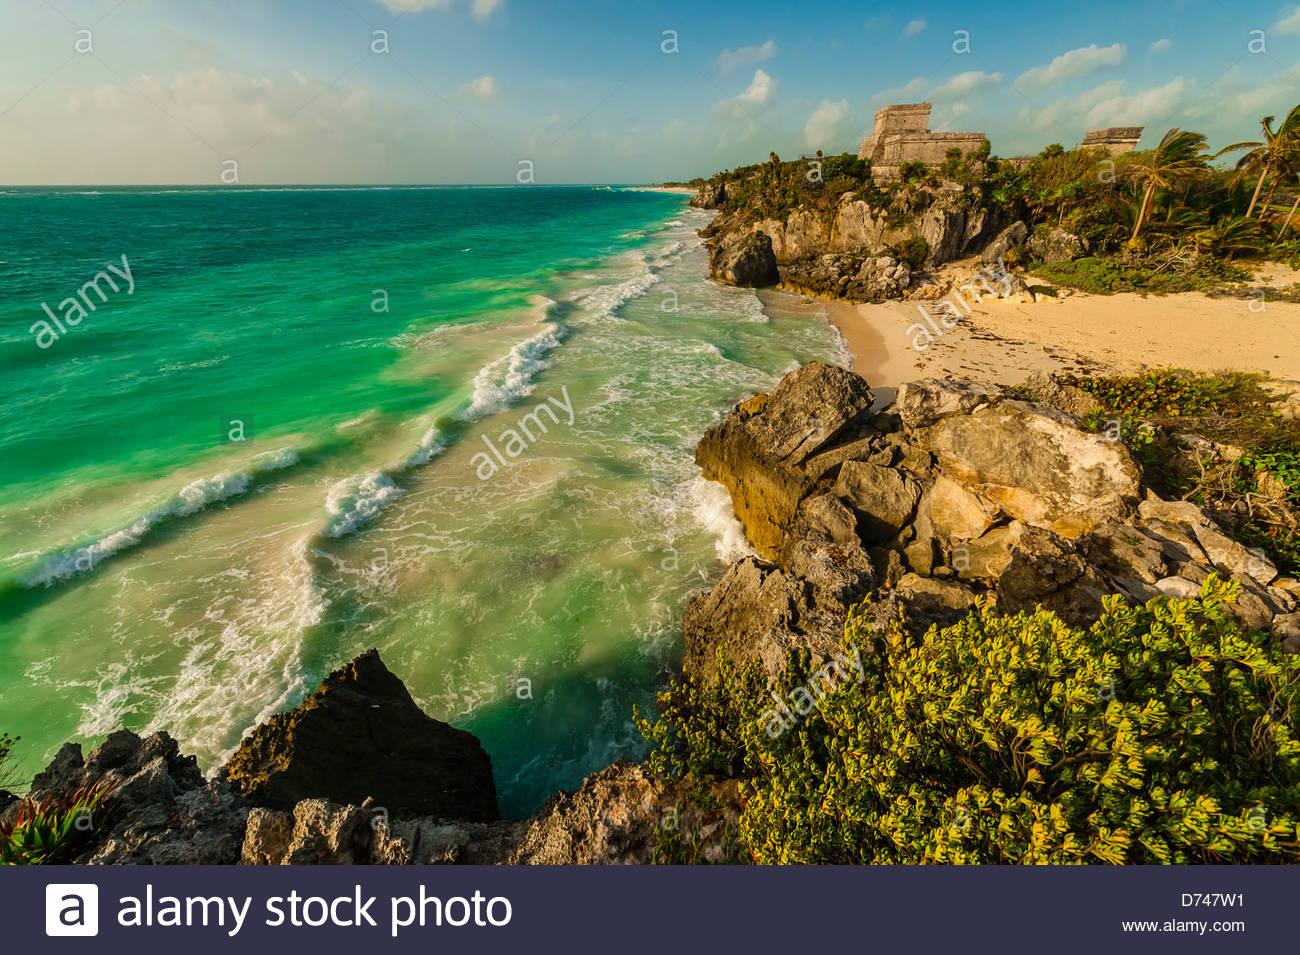 El Castillo (The Castle at Tulum), Caribbean Sea, Riviera Maya, Mexico - Stock Image